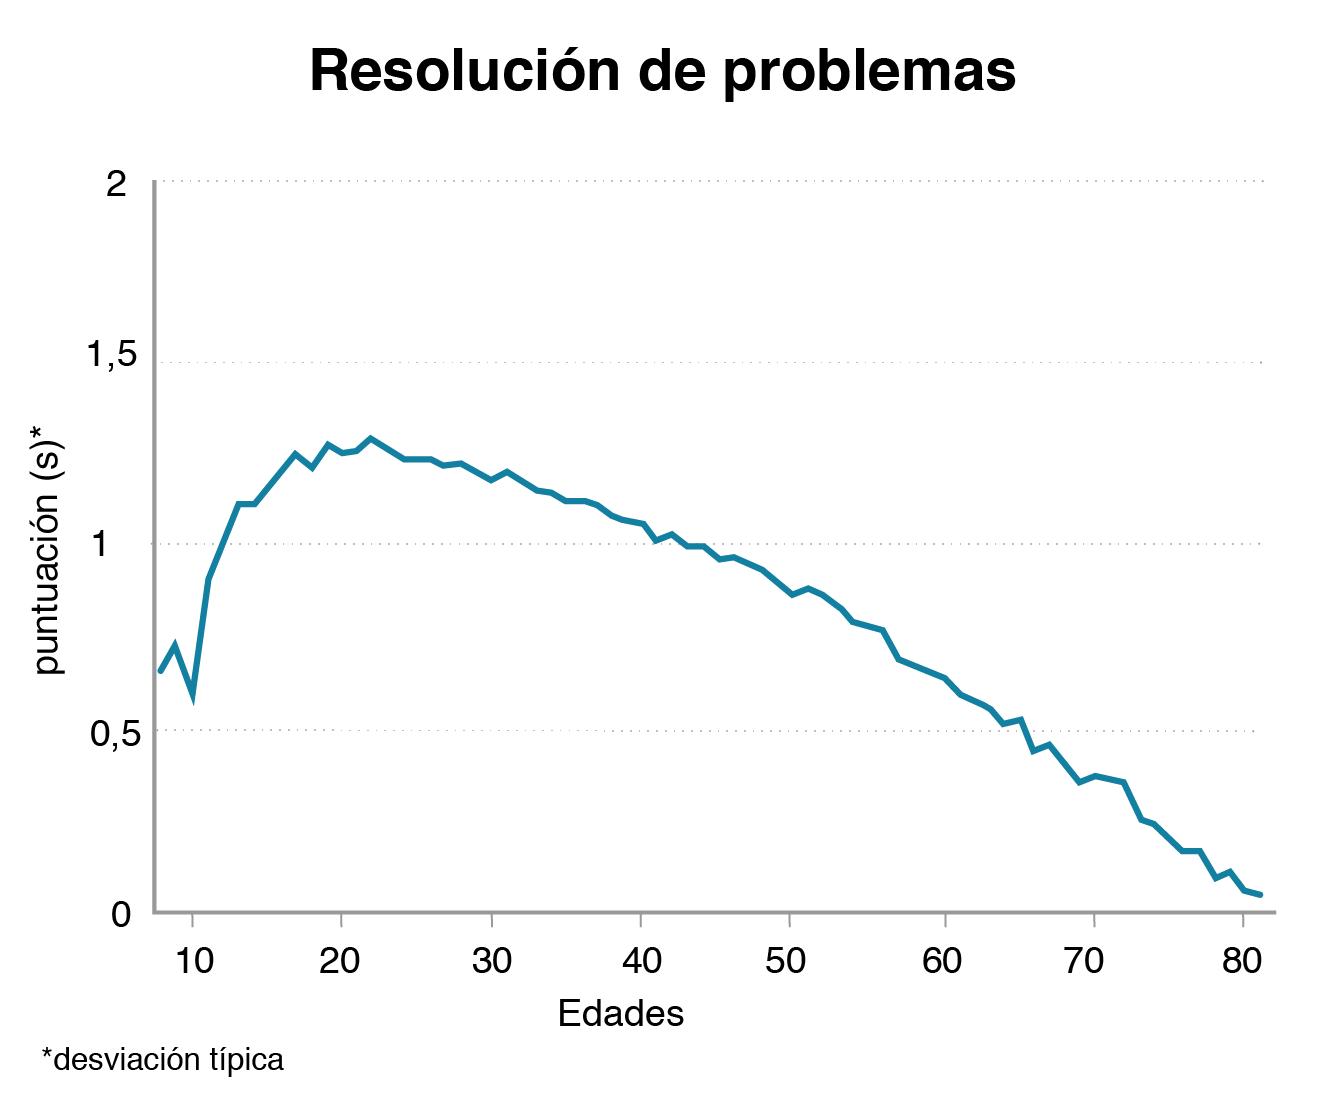 Gráfico que muestra cómo la capacidad de resolución de problemas cae con el tiempo